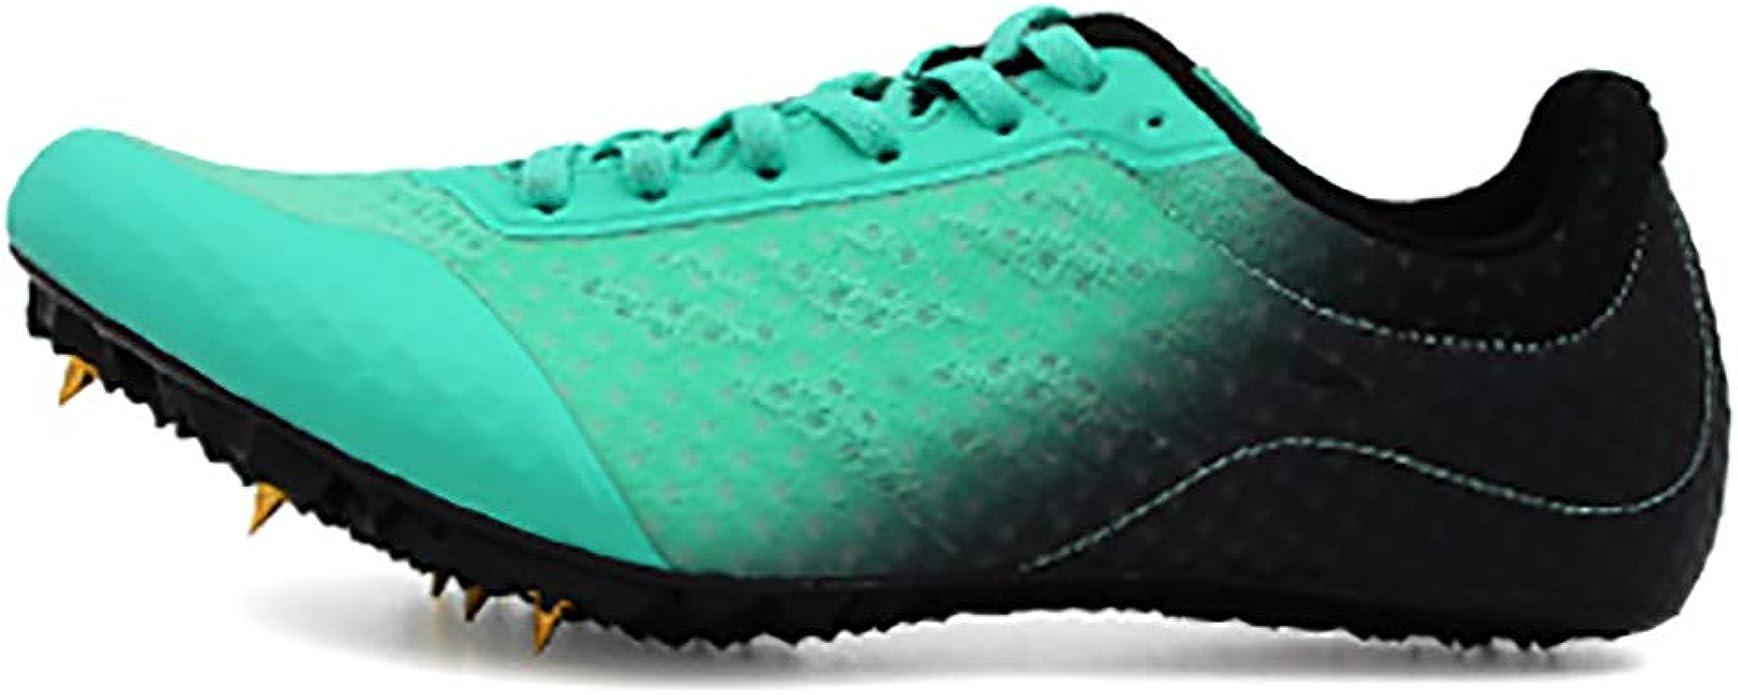 ZLYZS Zapatillas De Atletismo Spike, Zapatillas De Picos De Running para Hombre Zapatillas De Deporte De Entrenamiento Profesional para Uñas: Amazon.es: Zapatos y complementos